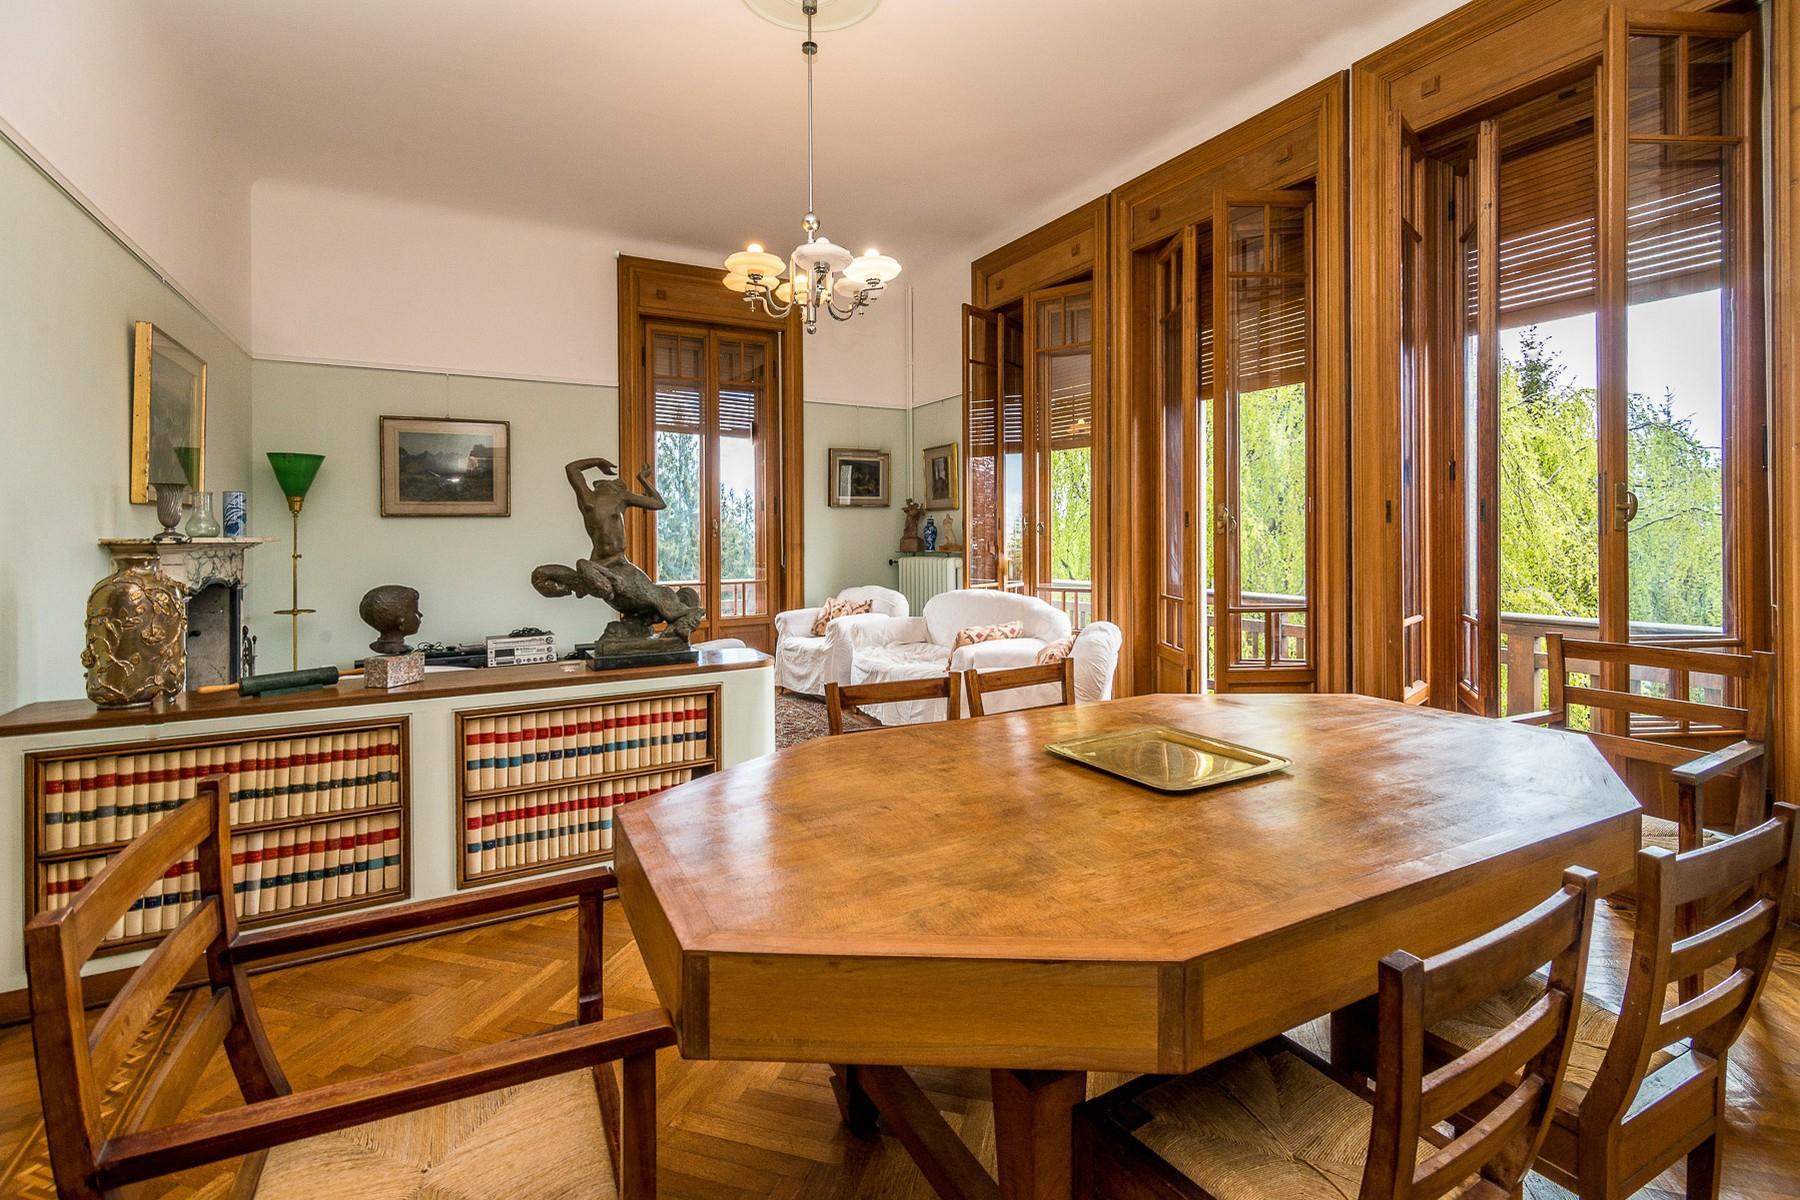 Villa historique dans un parc centenaire sur lac Majeur - 11